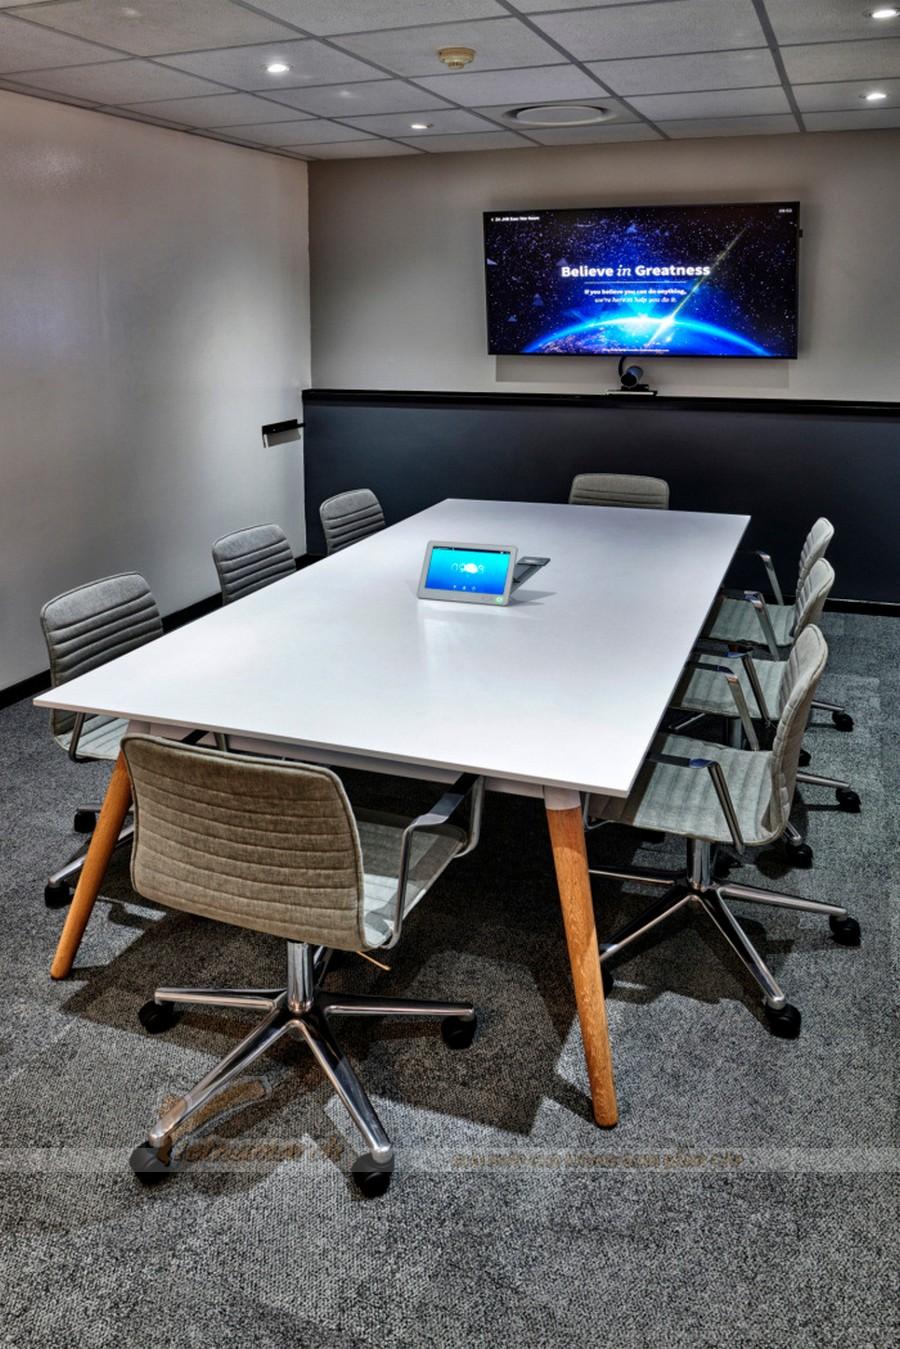 Thiết kế phòng họp nhỏ theo phong cách đơn giản, hiện đại